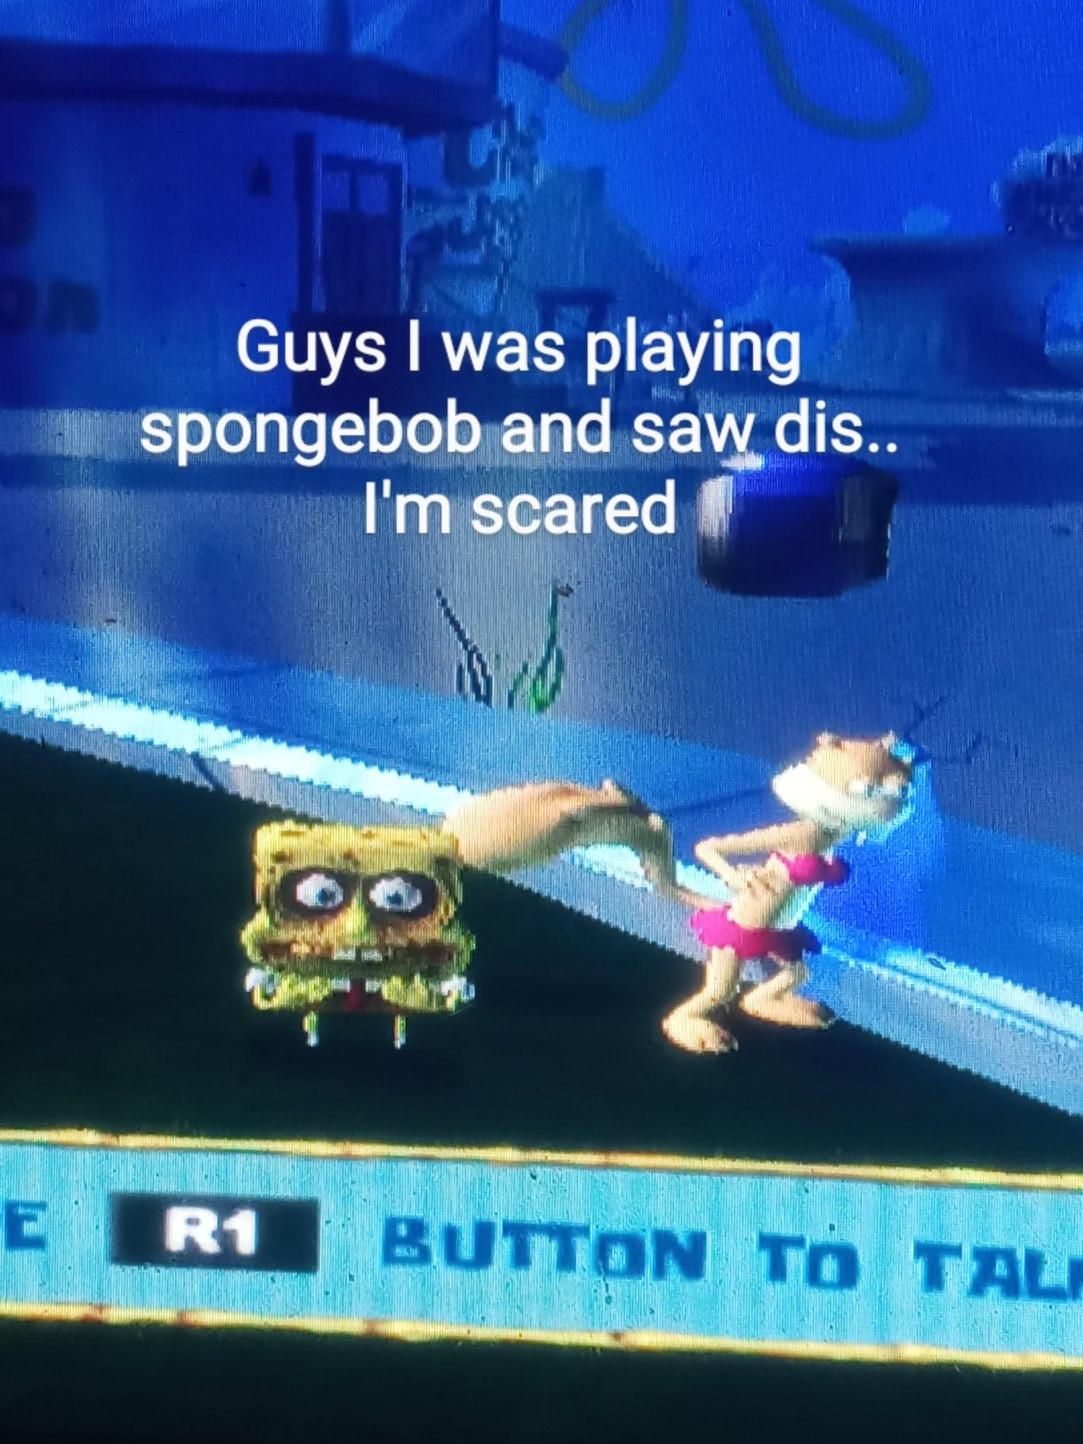 Has spongebob been doing drugs - meme